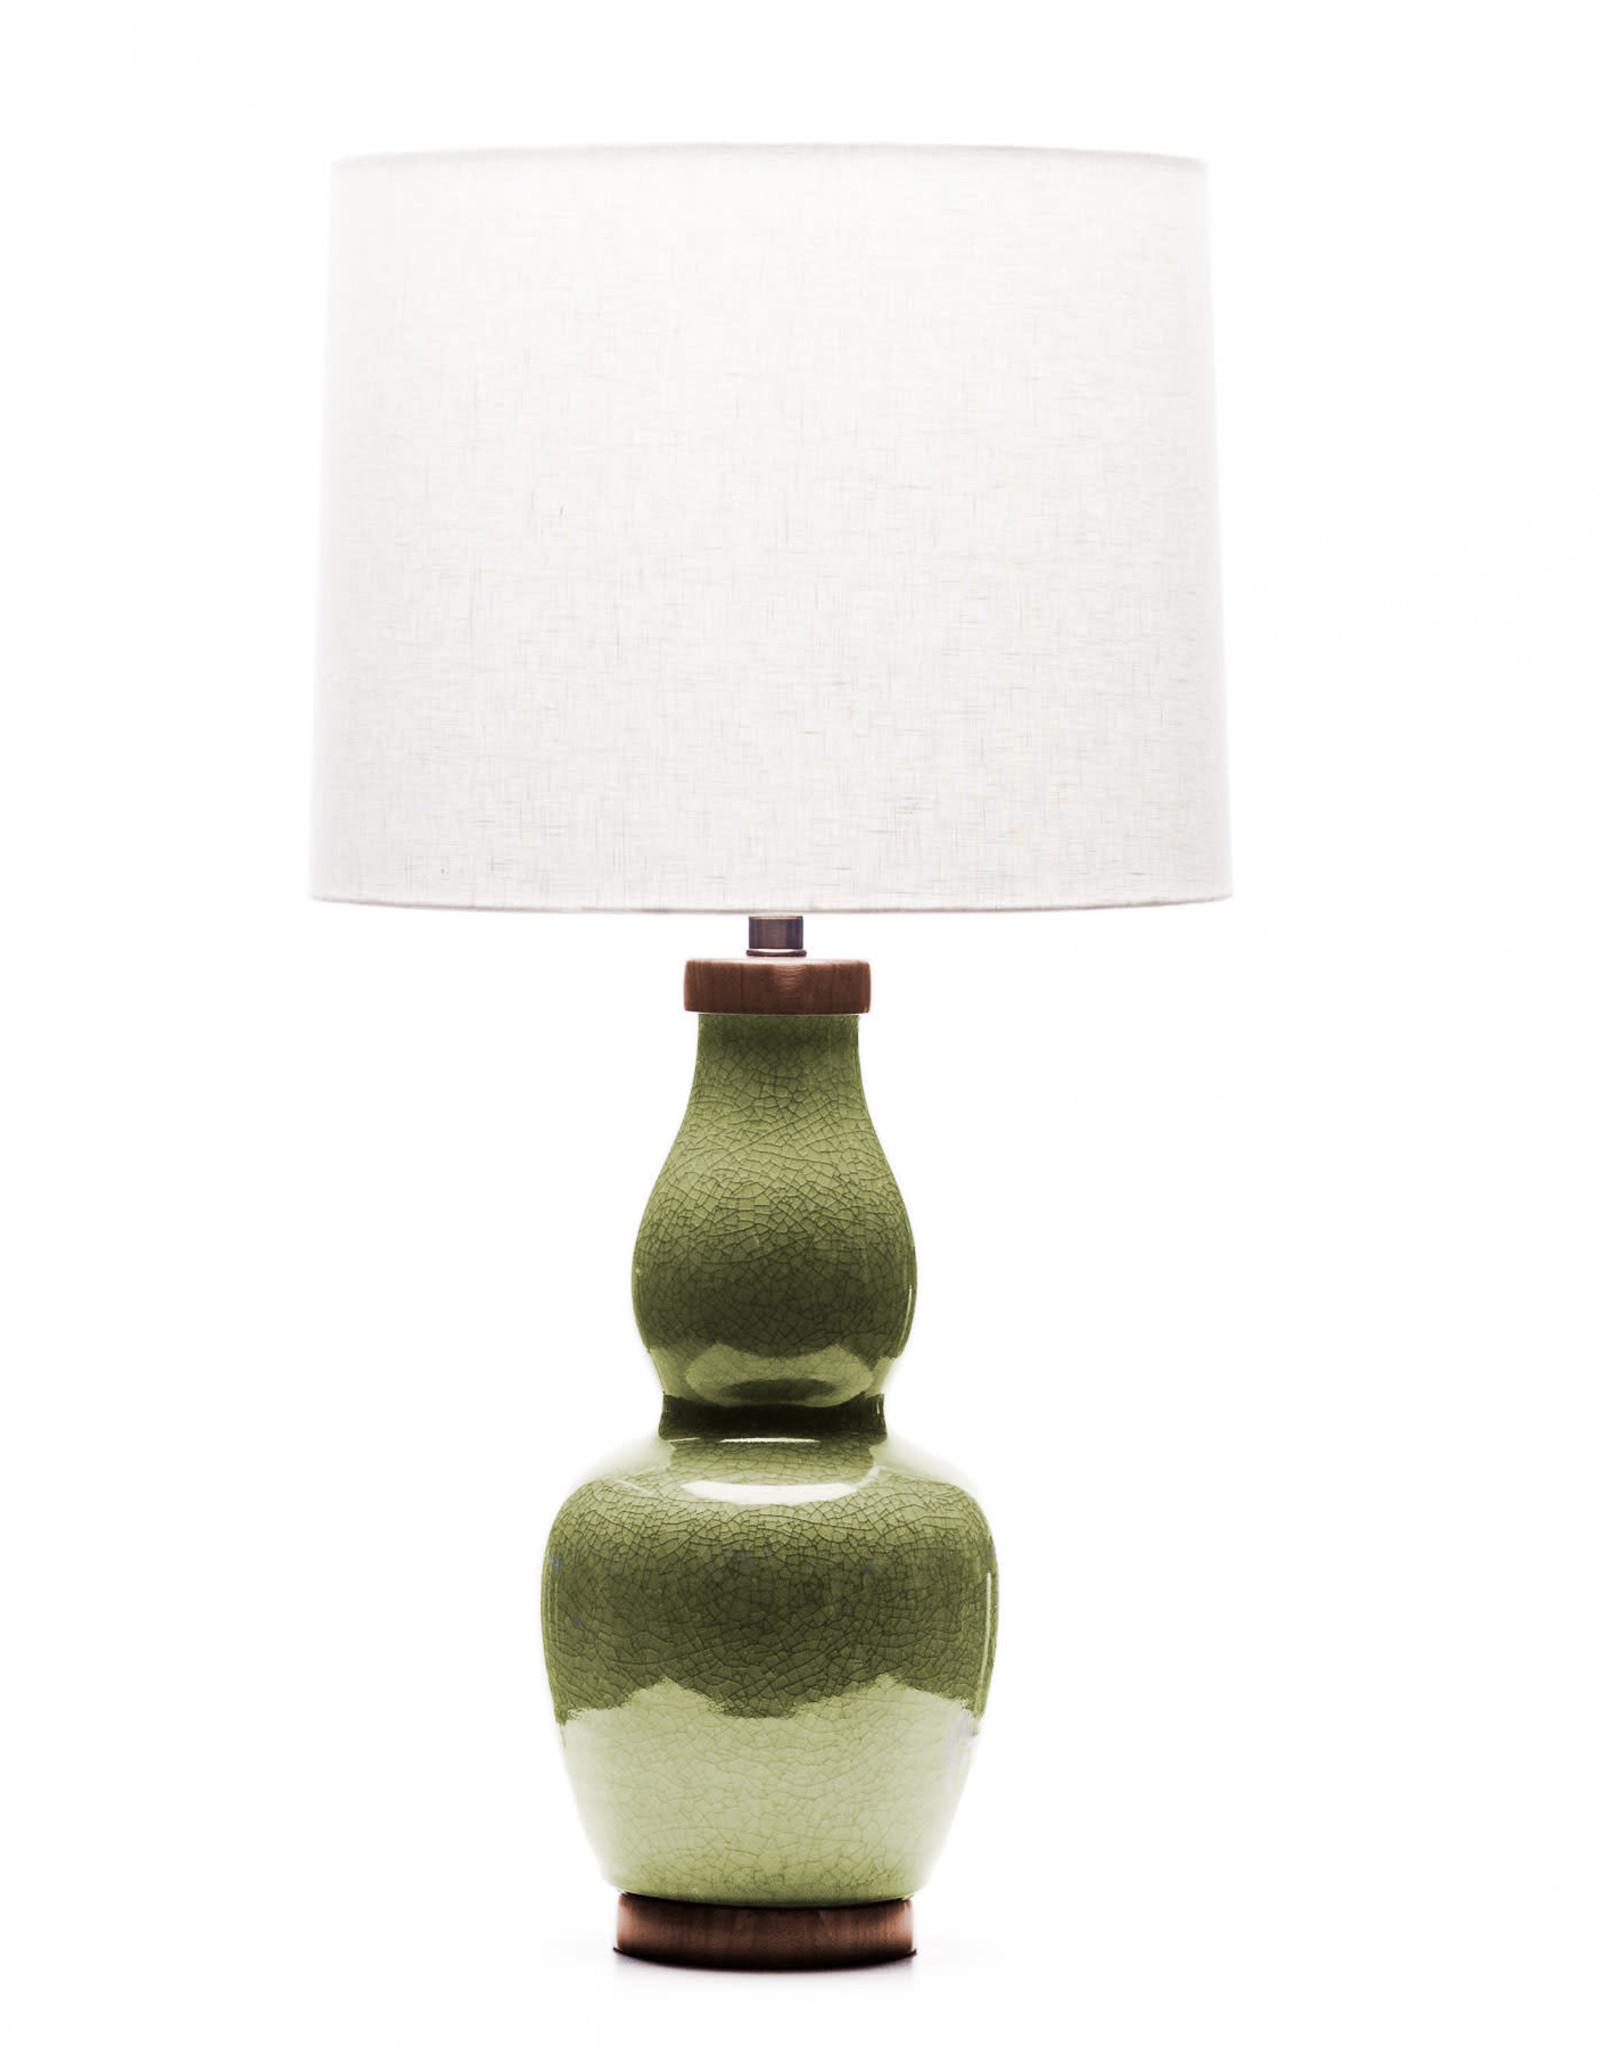 Lawrence & Scott Scarlett Table Lamp (Walnut) in Celadon Crackle